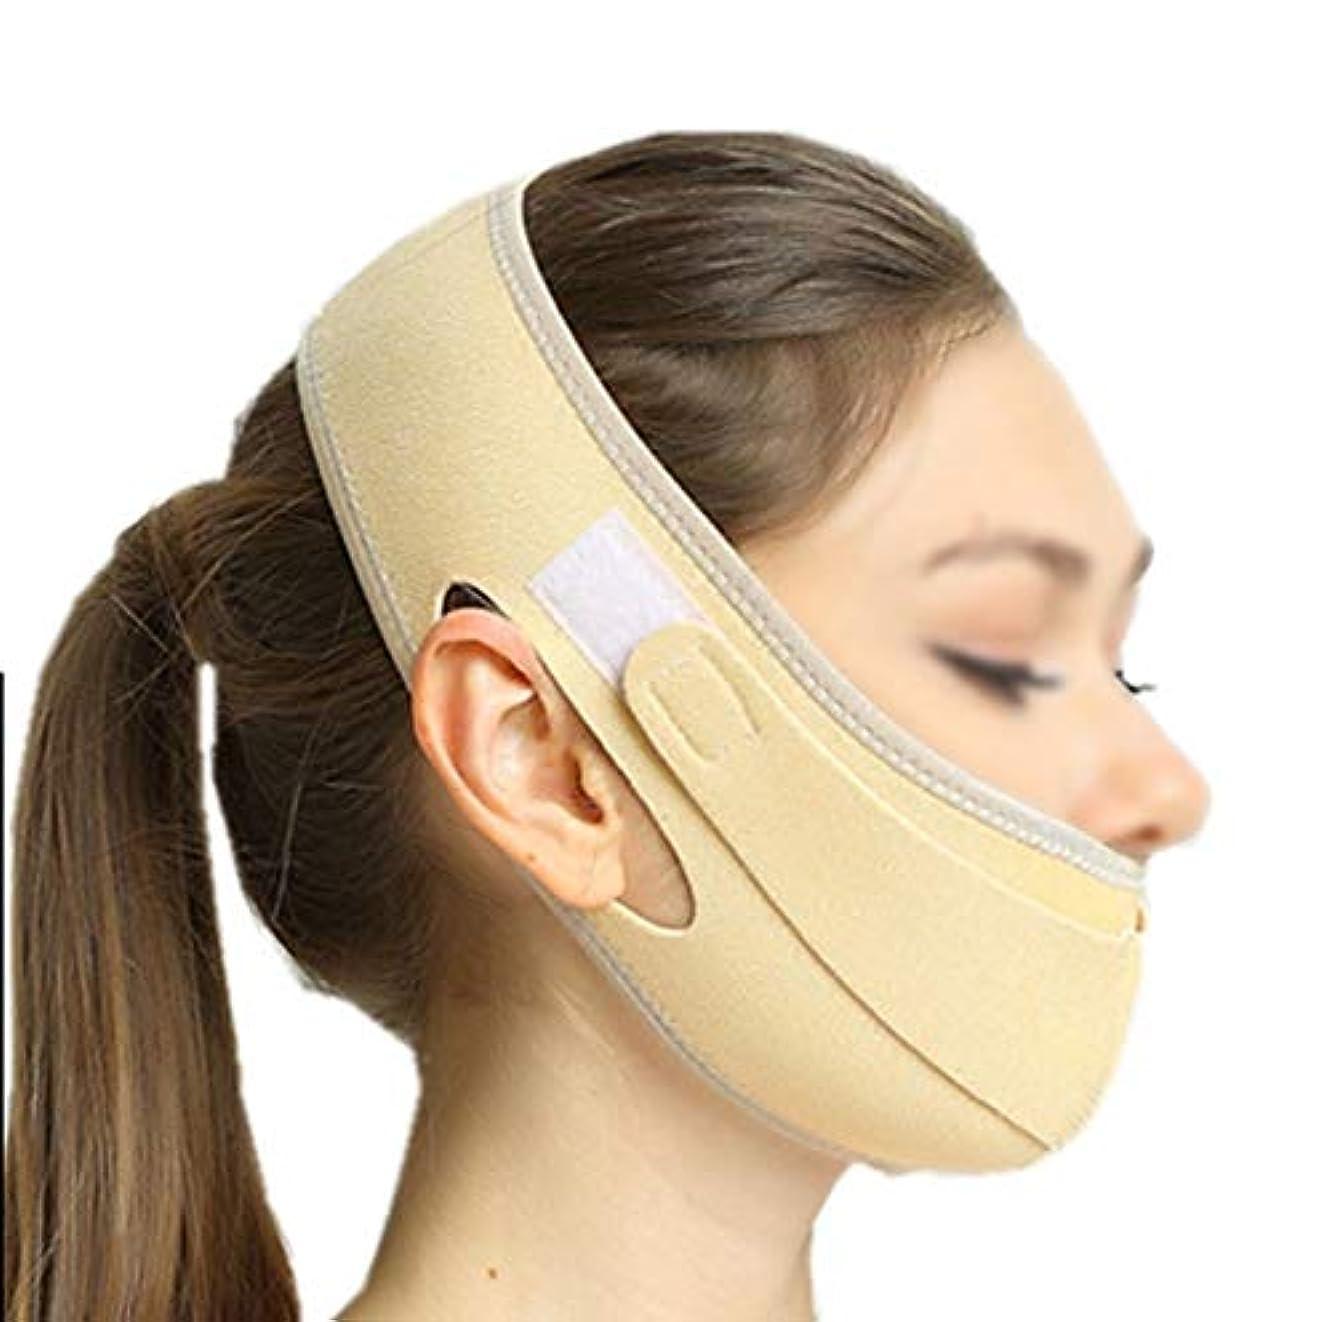 保証難民パイントGLJJQMY 薄いフェイスマスクの化粧品の回復マスクの薄い二重層の持ち上がる皮は小さいVの表面包帯を作成します 顔用整形マスク